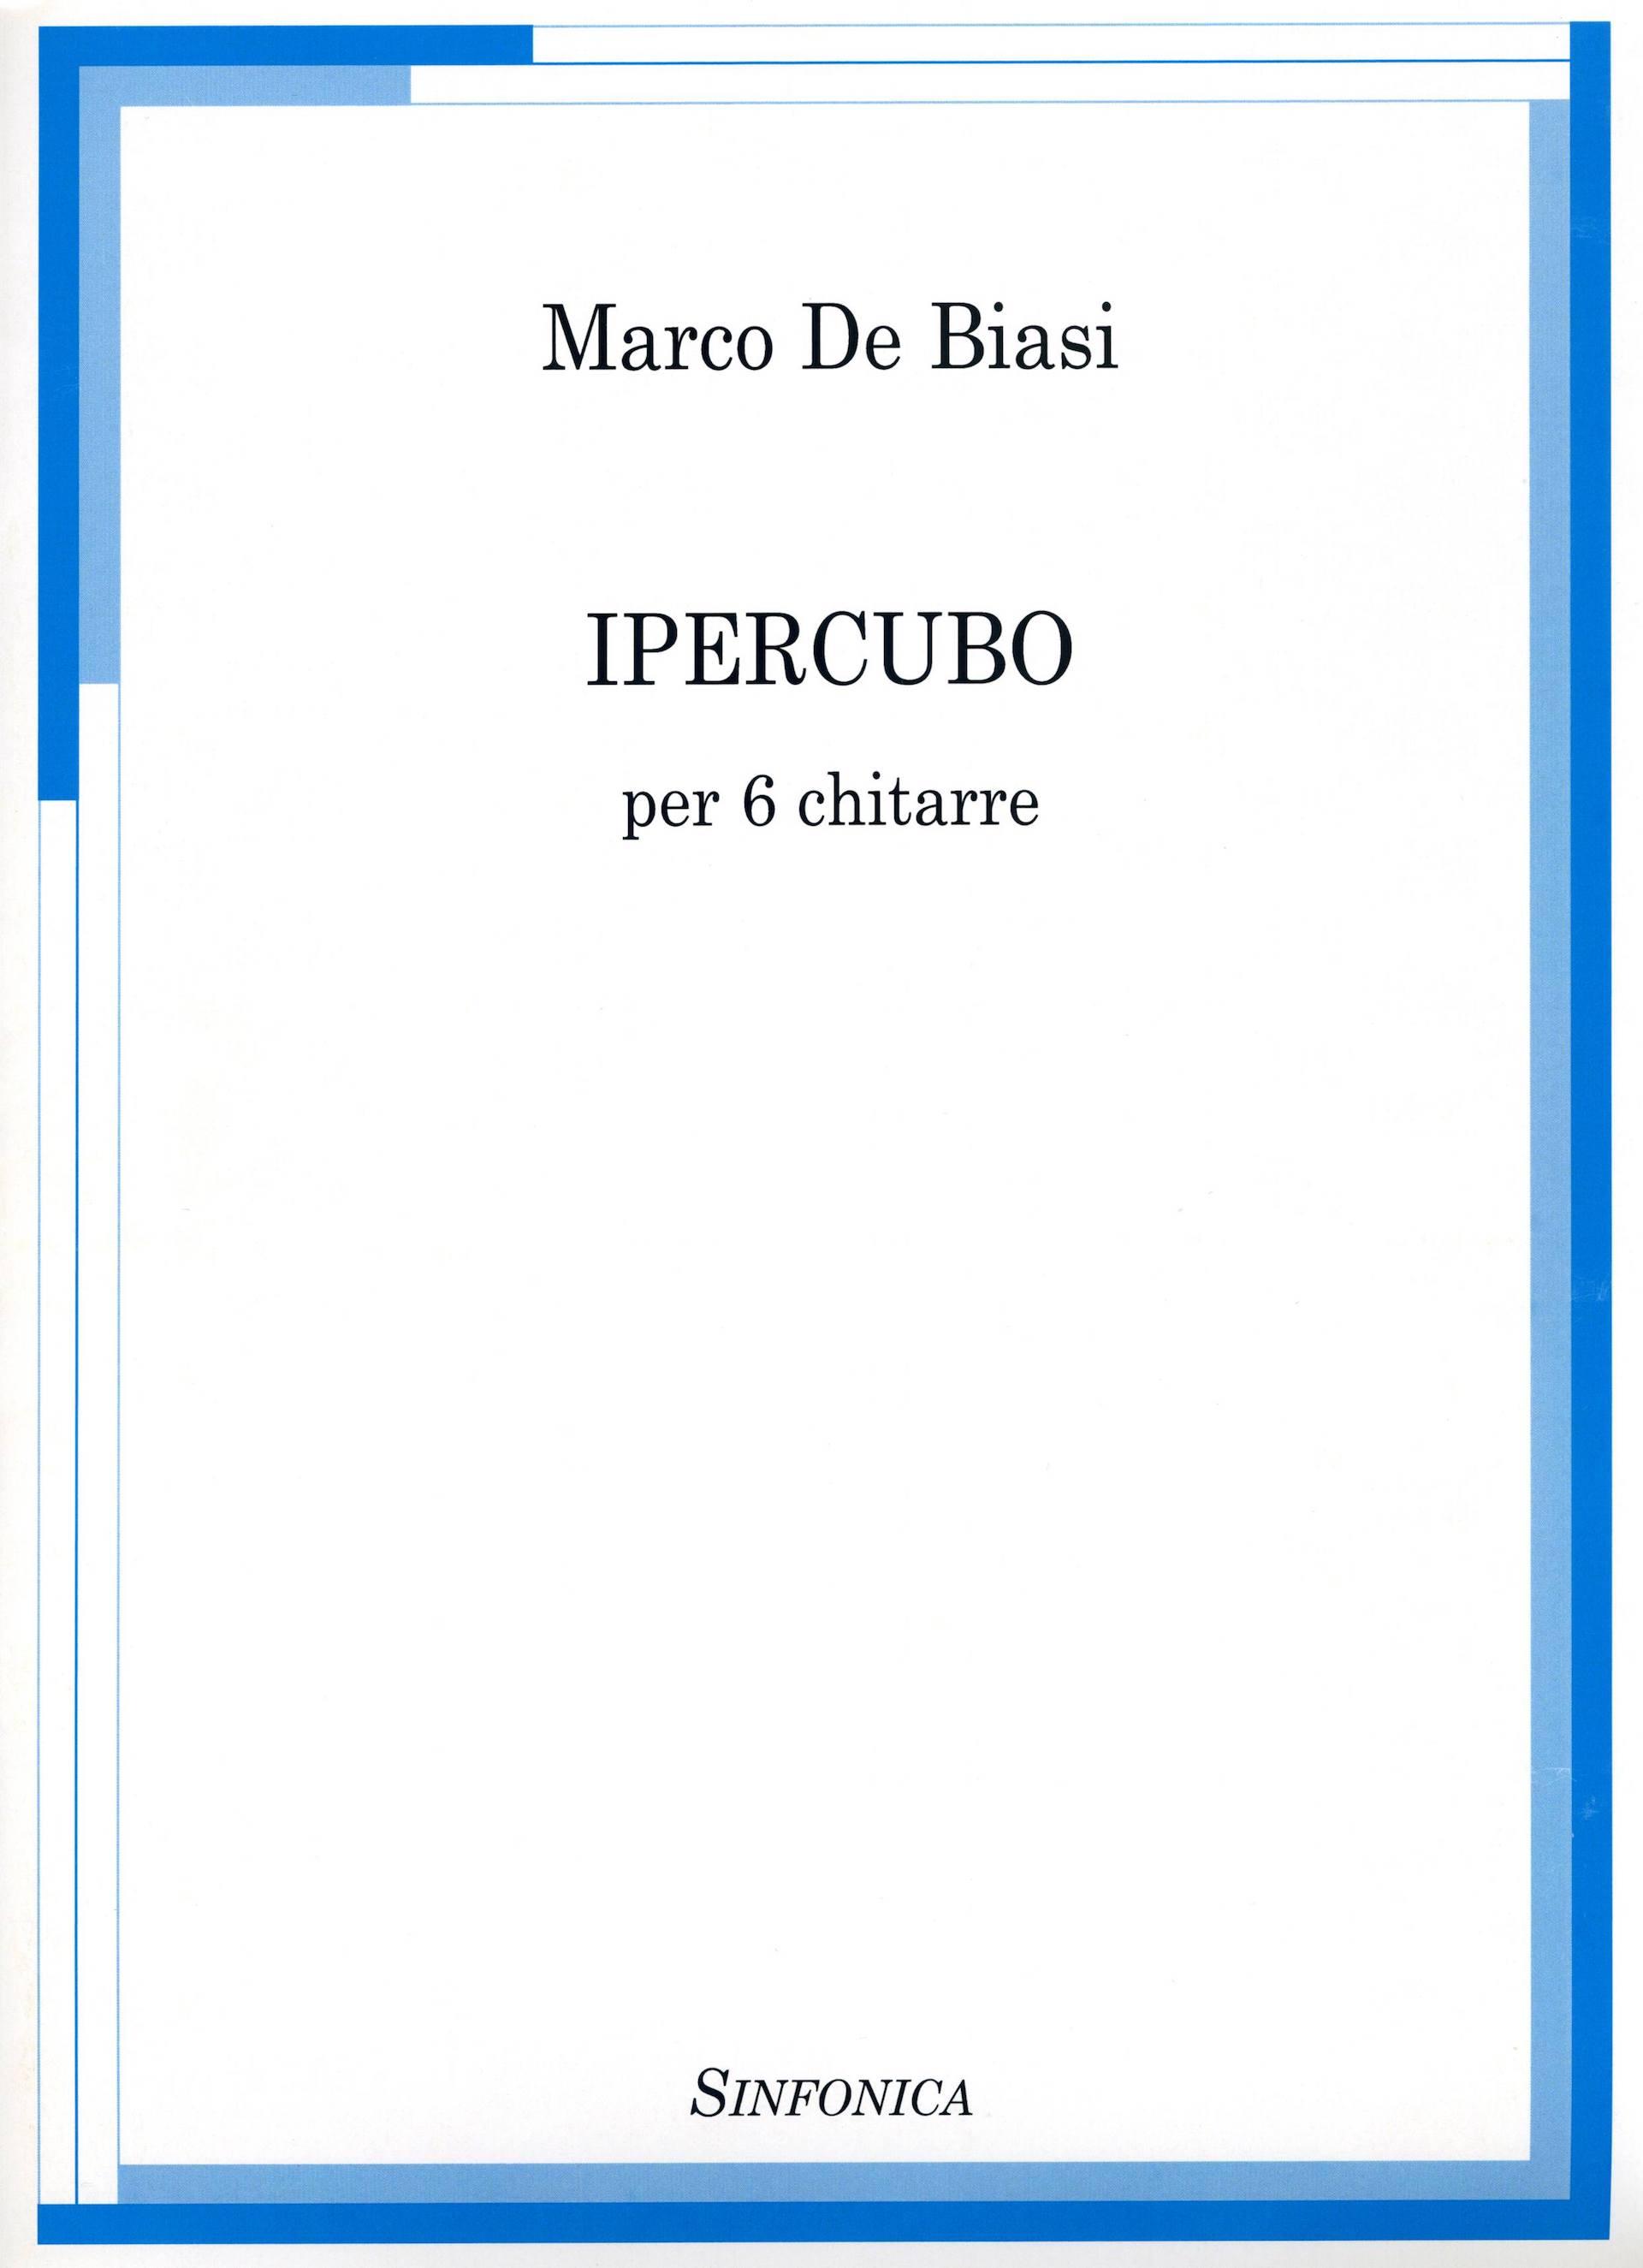 COPERTINA IPERCUBO - MARCO DE BIASI